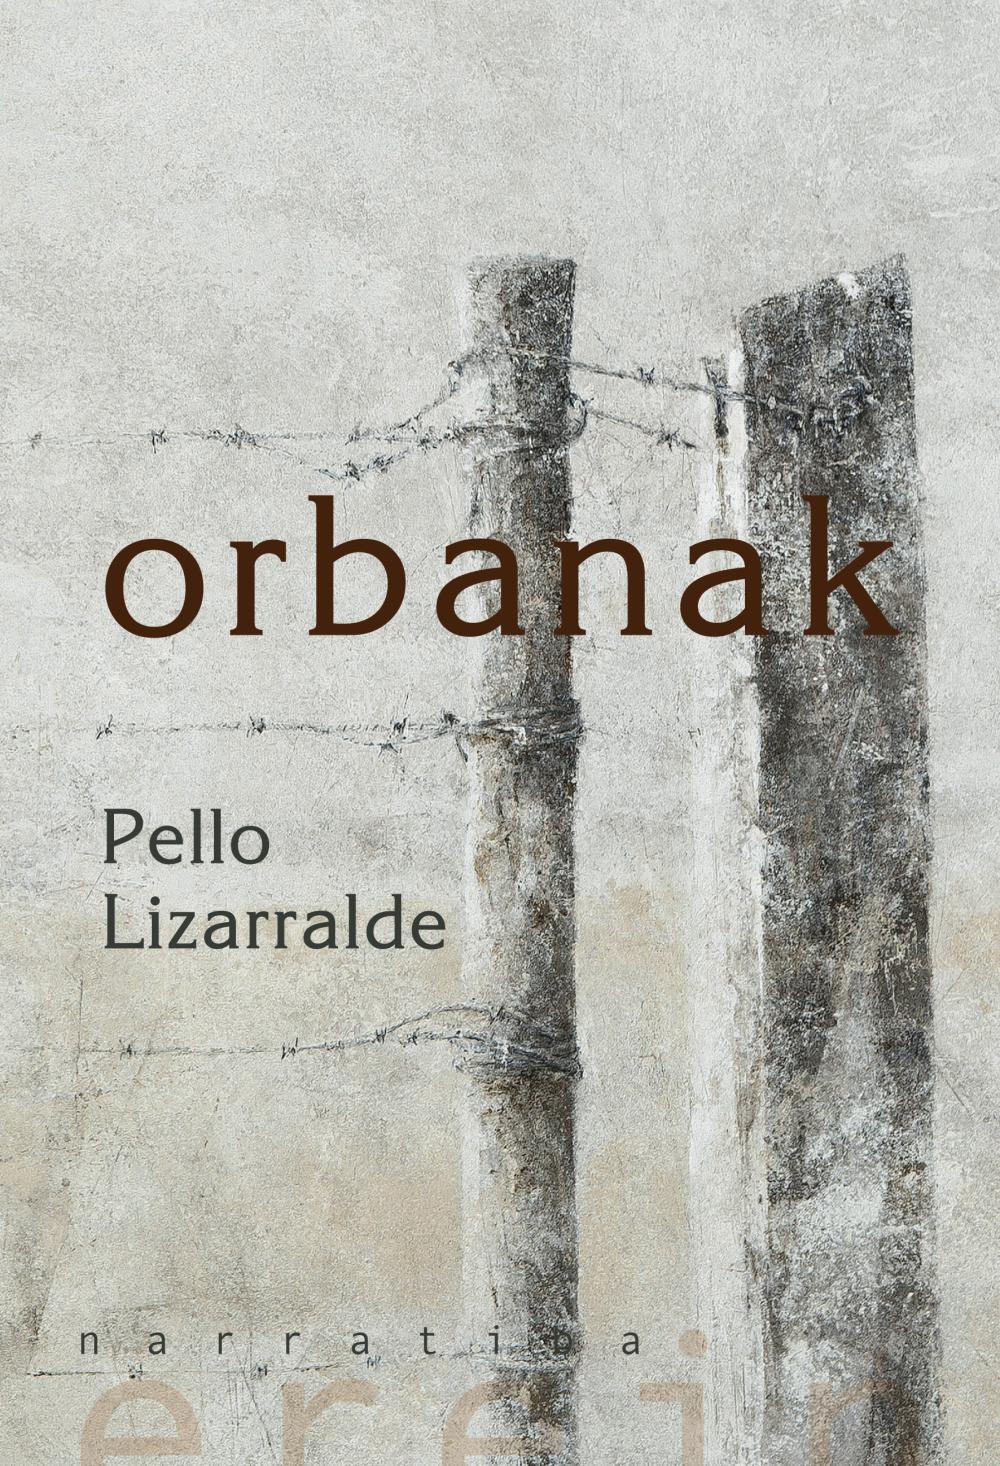 Orbanak